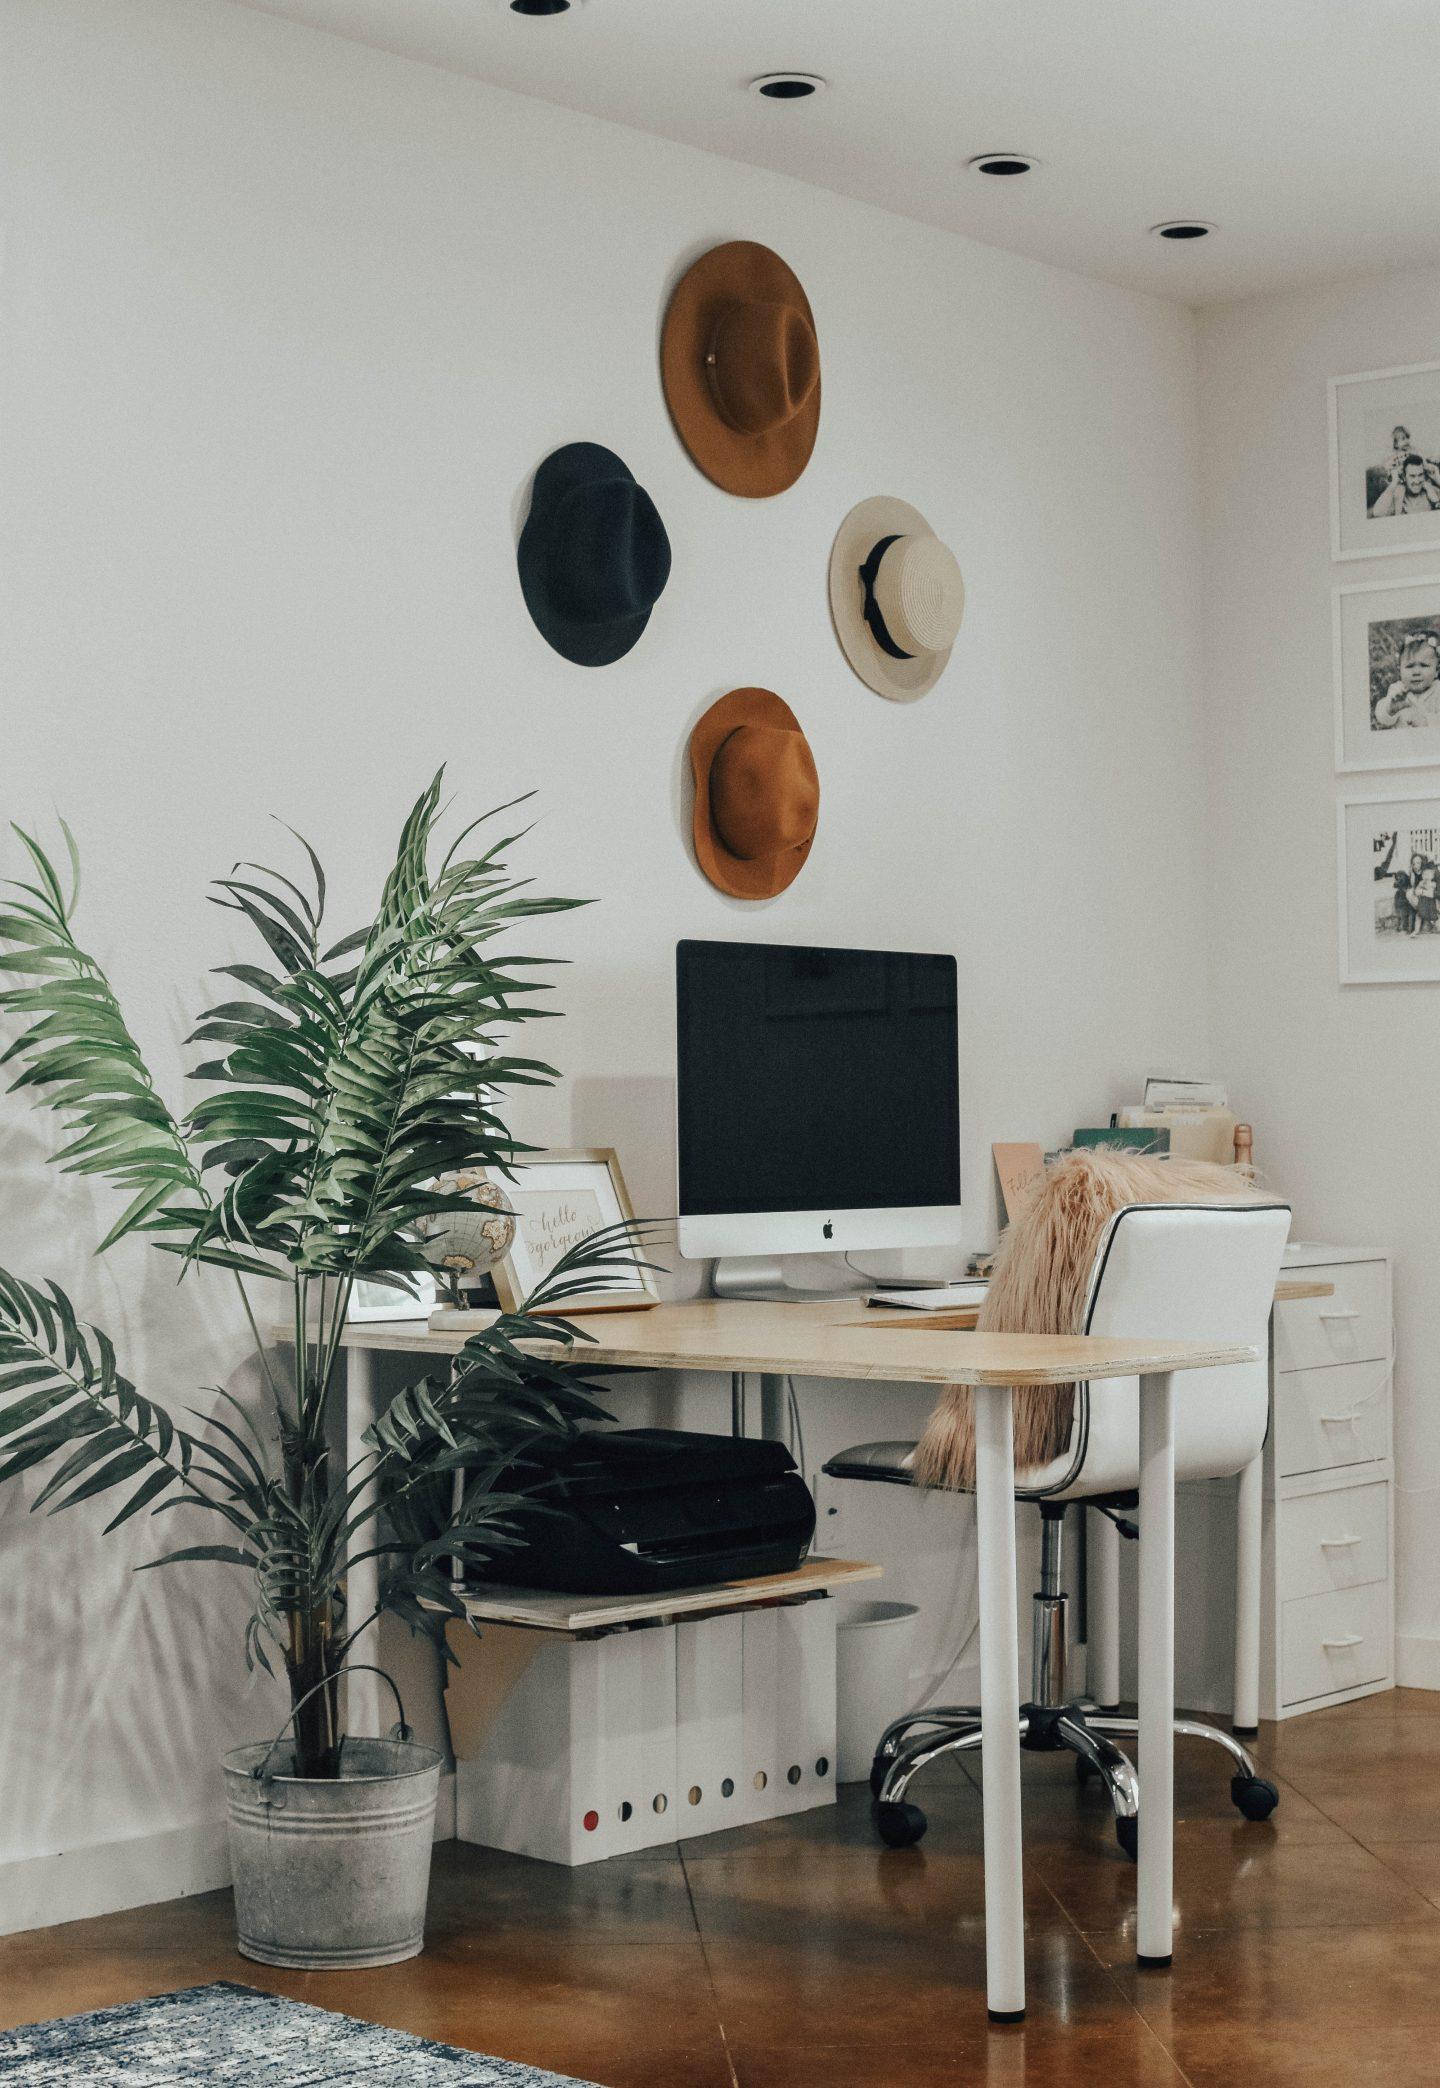 Office Setup + Plants I Canu0027t Kill